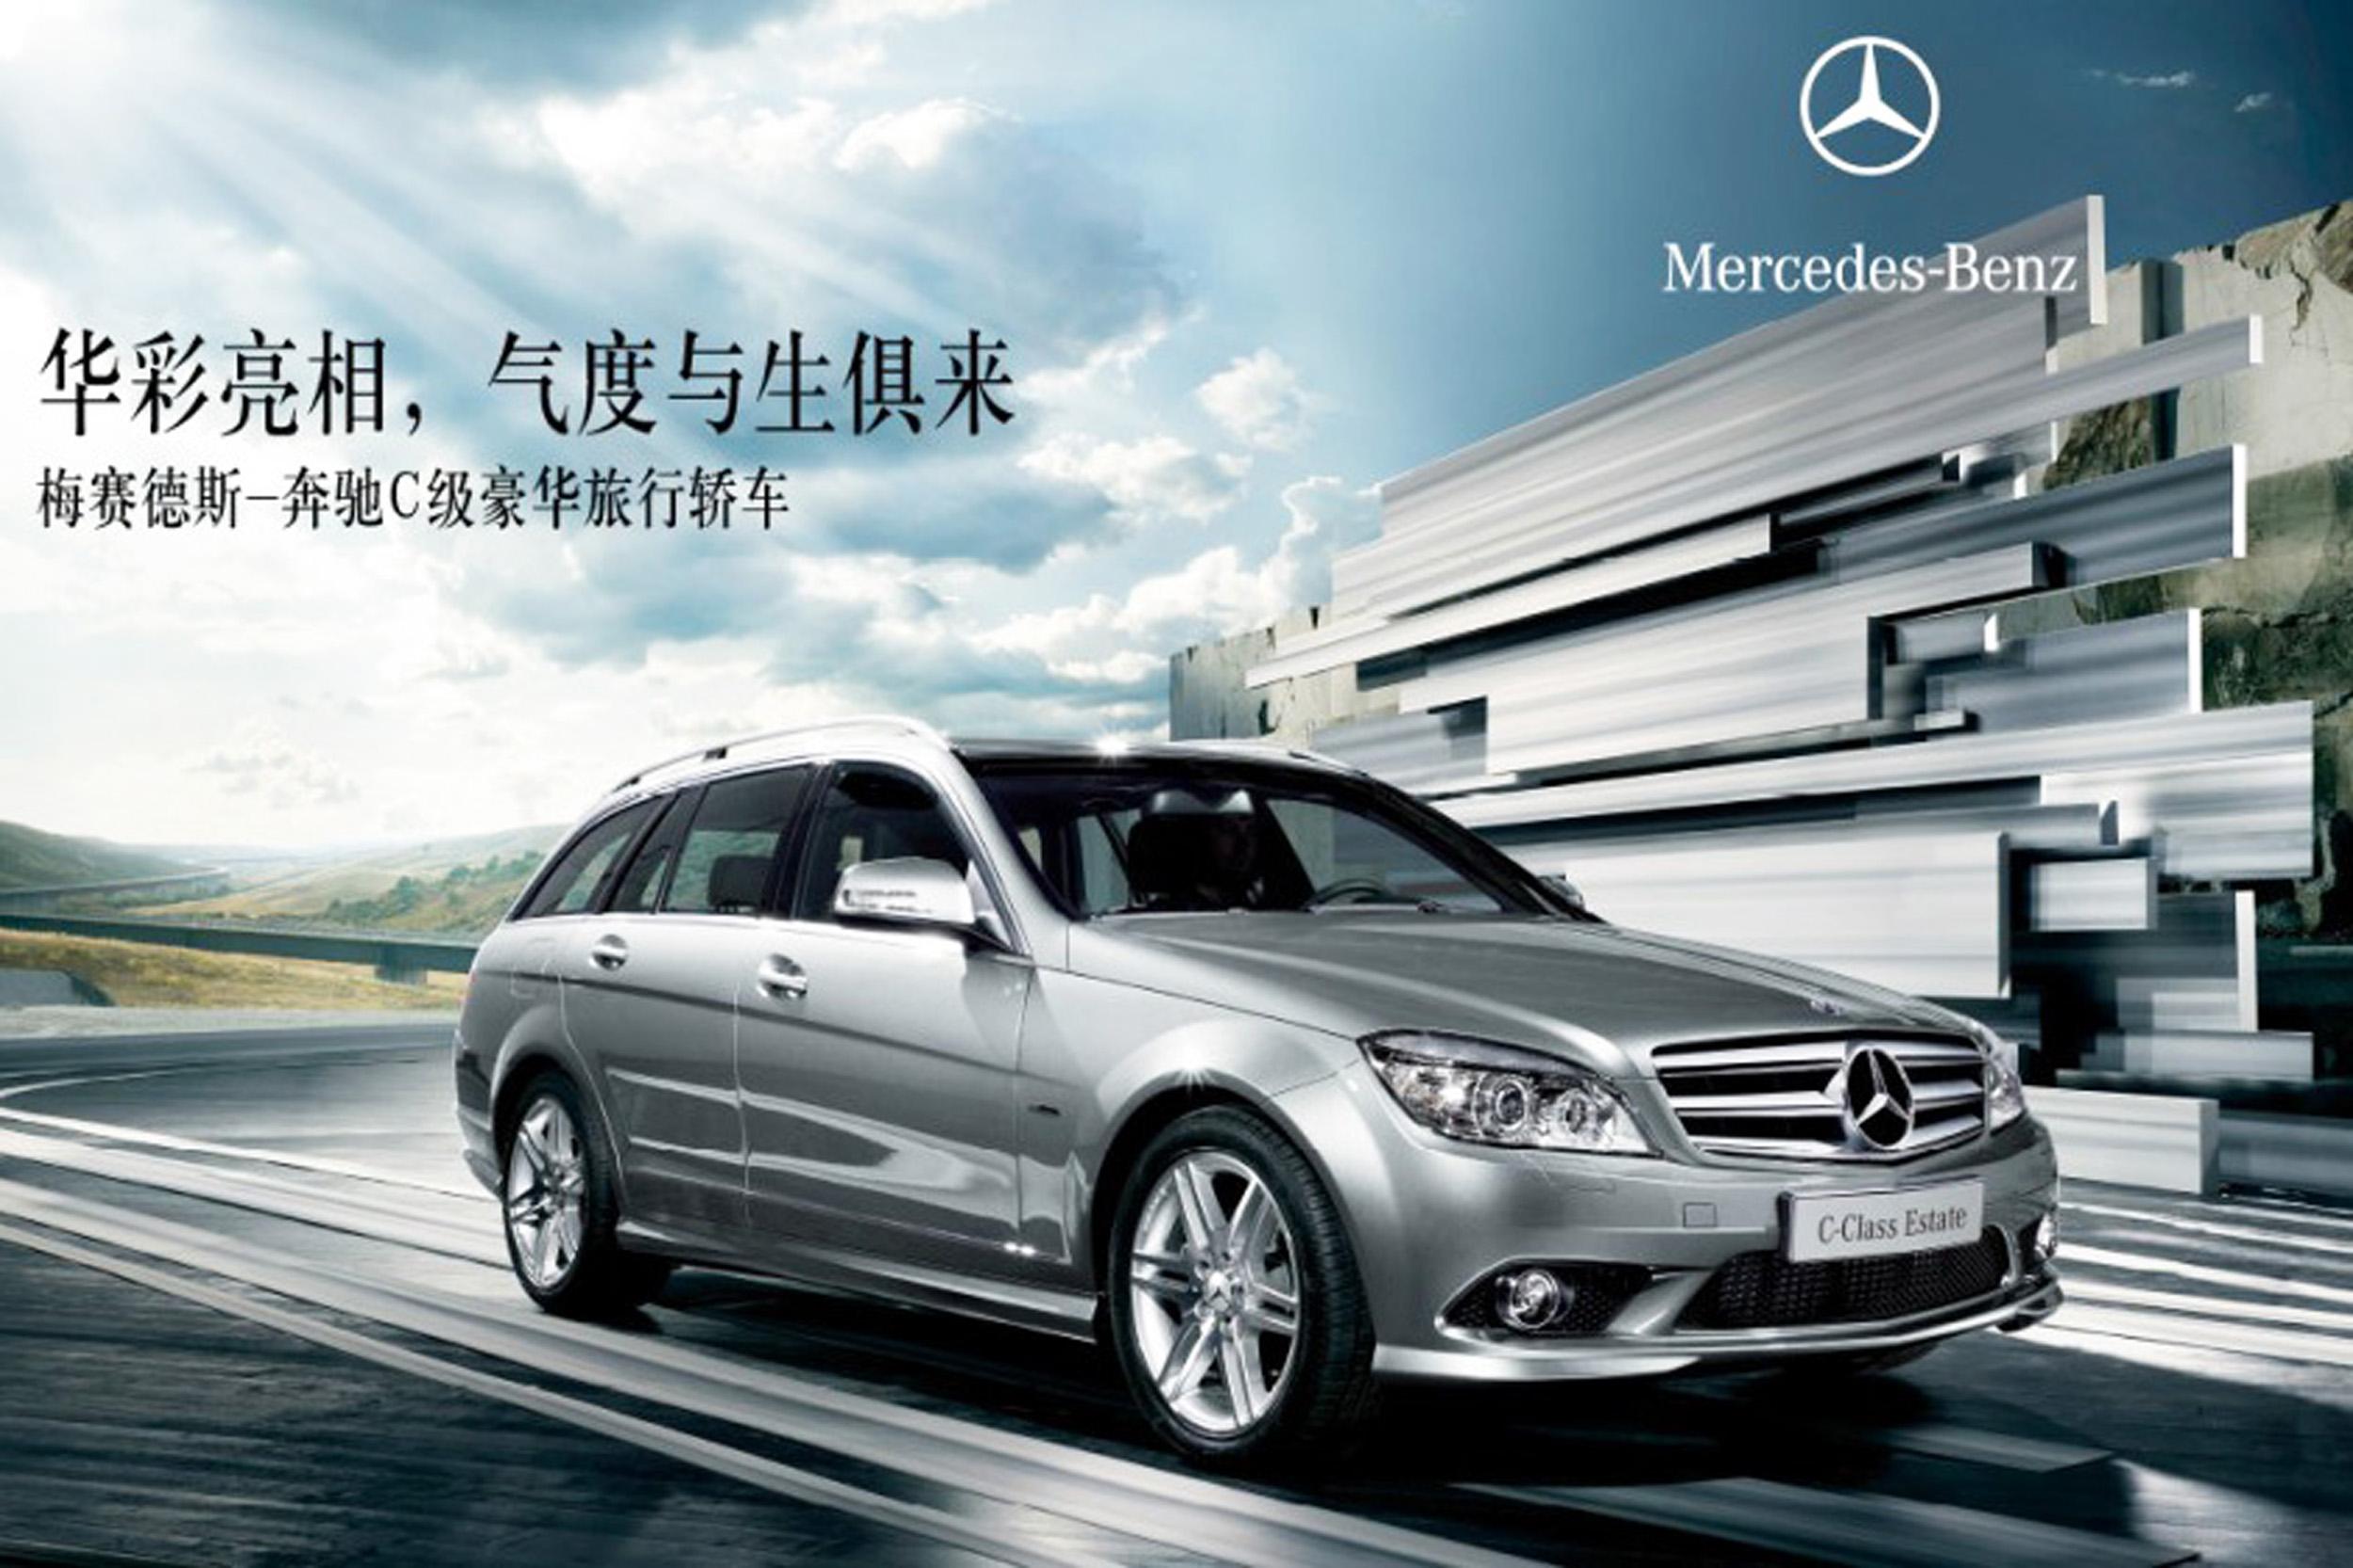 Die Mercedes-Benz C-Klasse muss in die Werkstatt